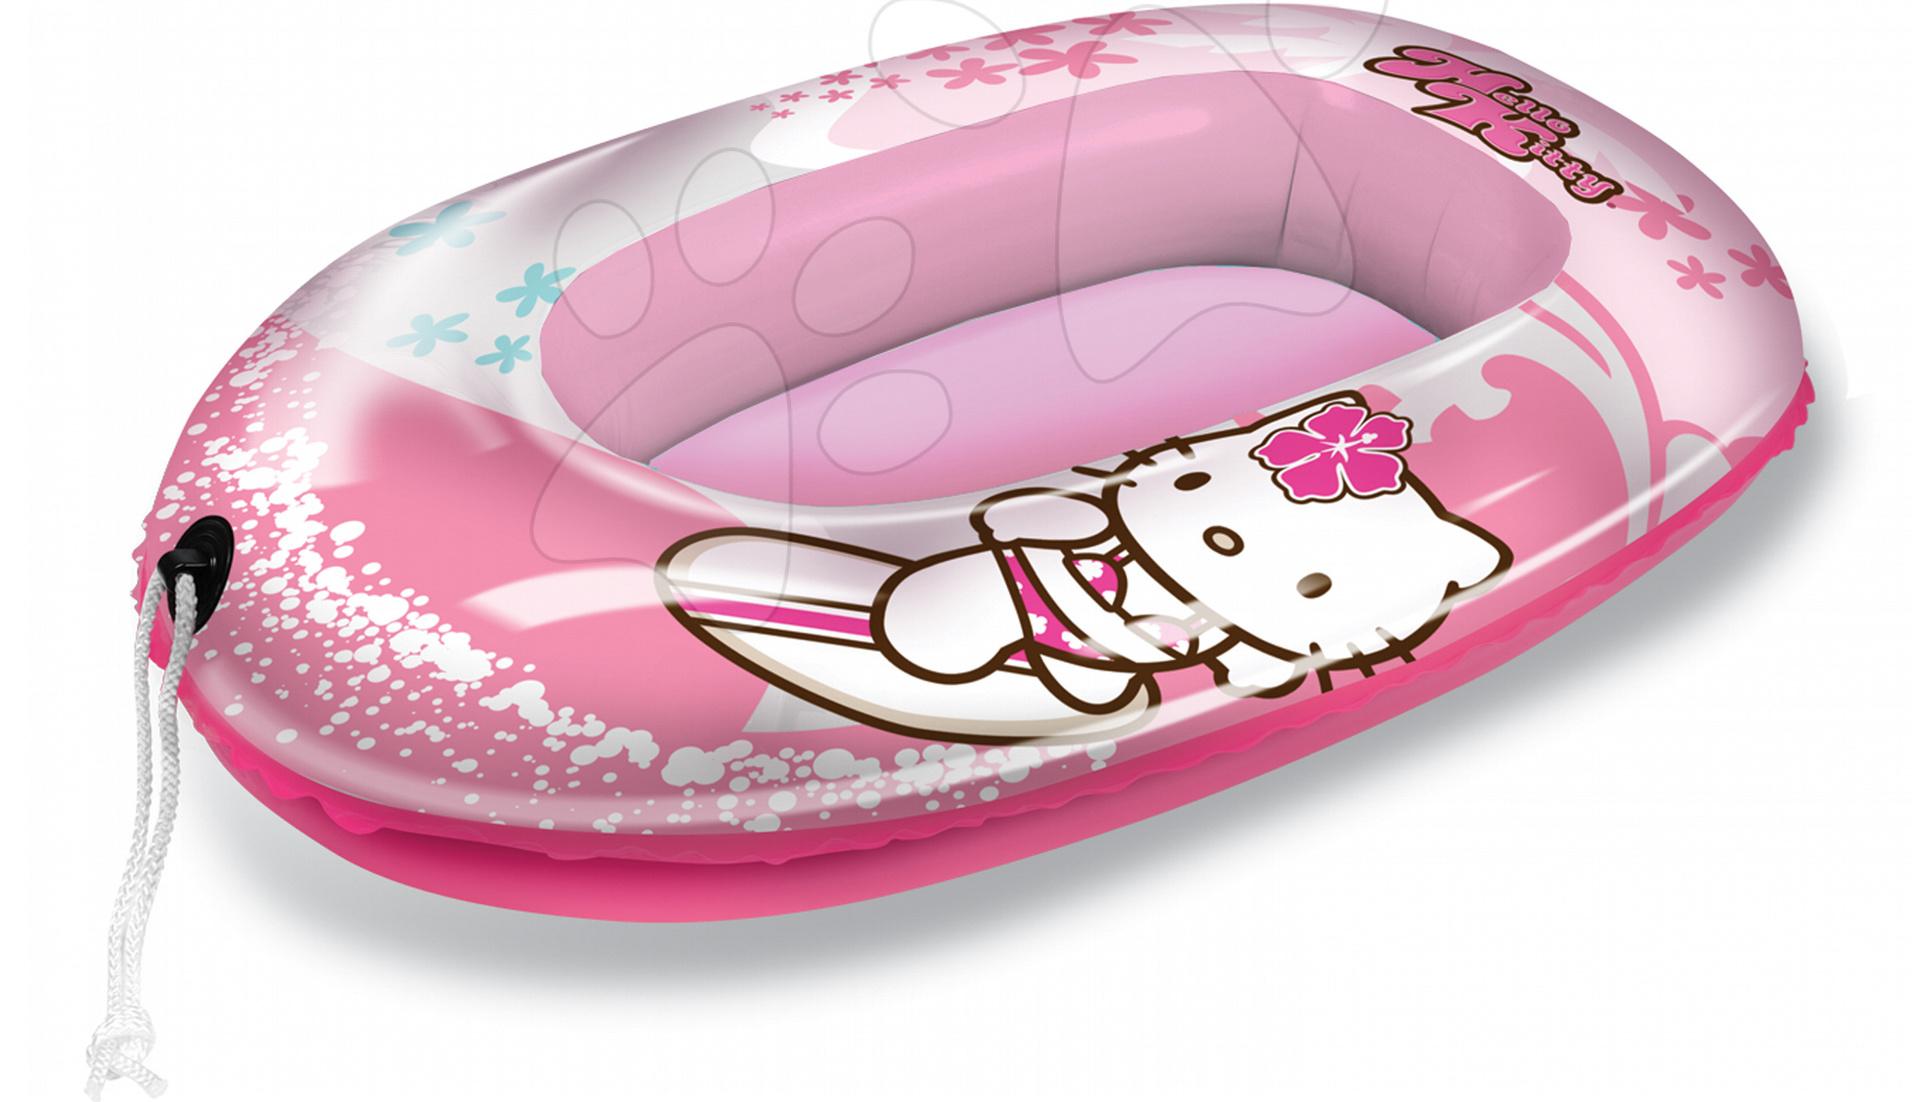 Nafukovací čluny a loďky - Nafukovací člun Hello Kitty Mondo 94 cm